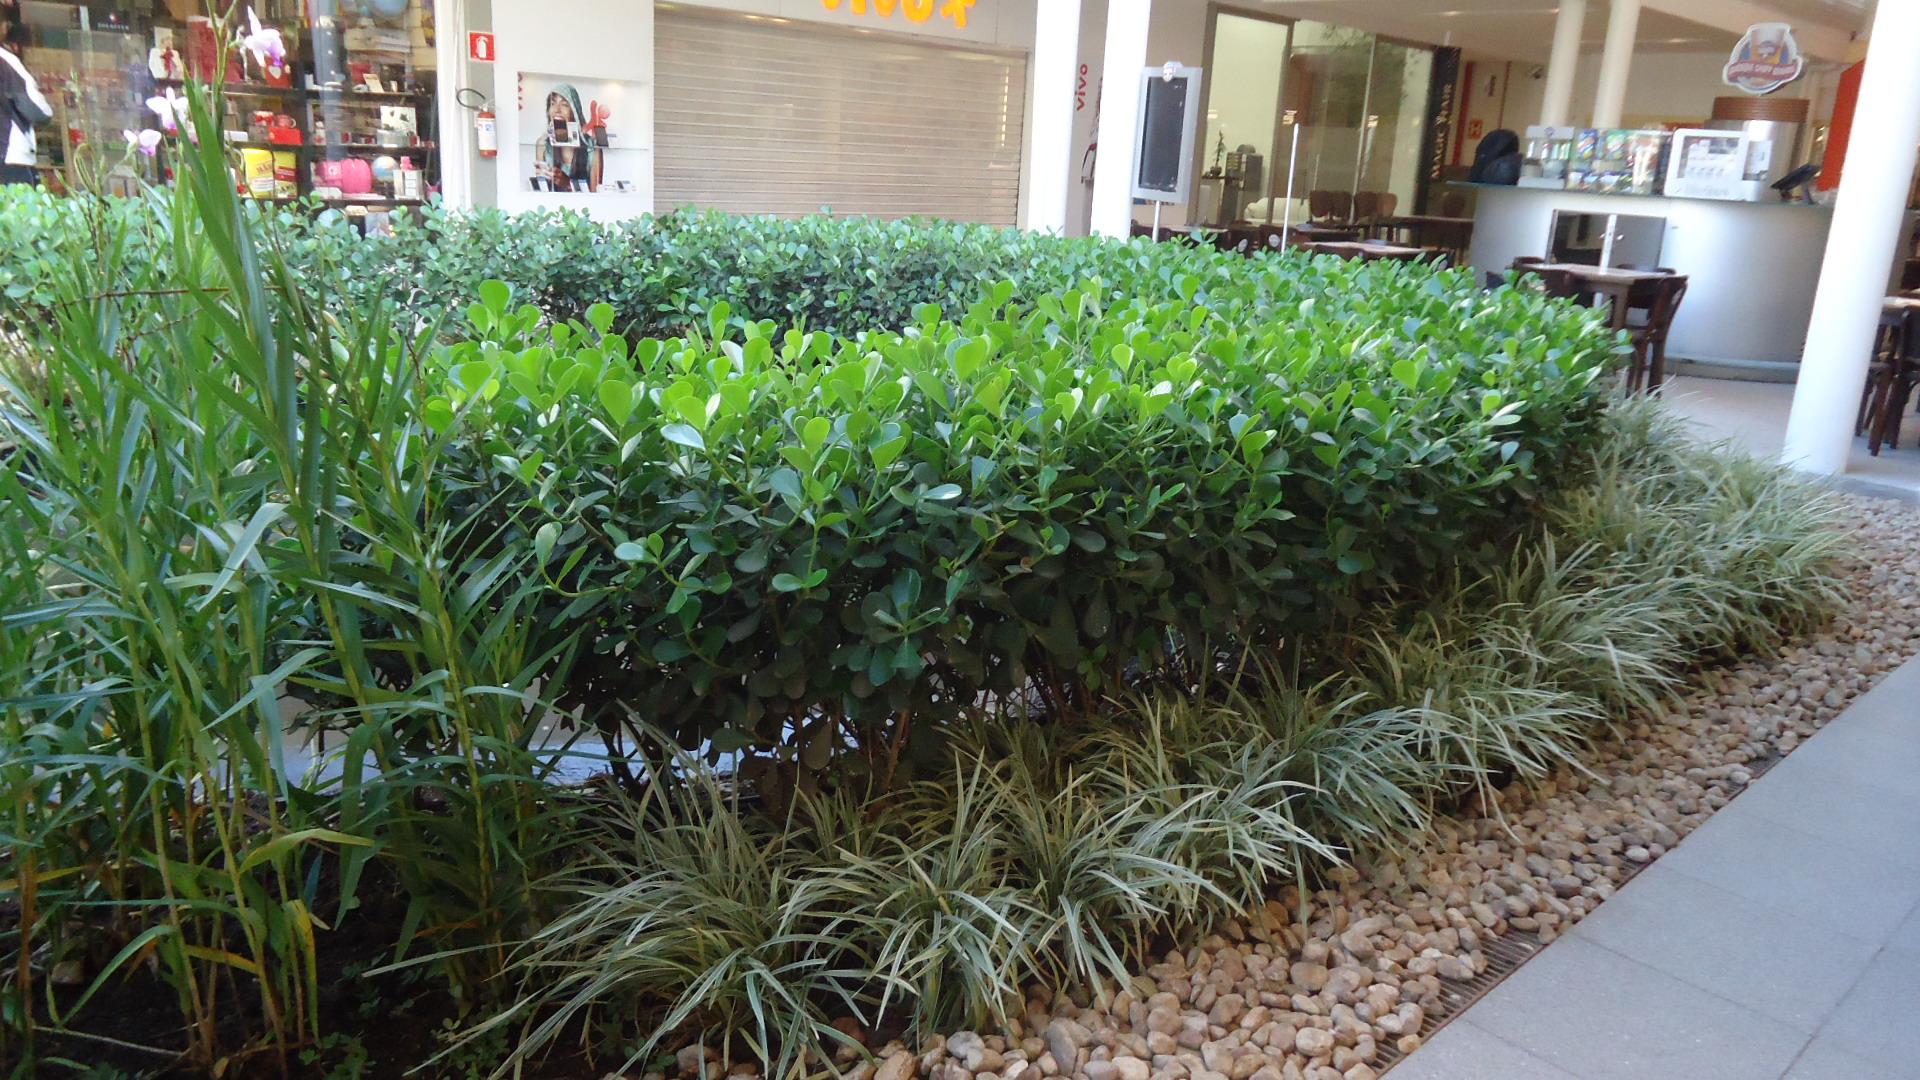 Pin Jardins-paisagismo-residenciais-plantas-cultura-mix ...